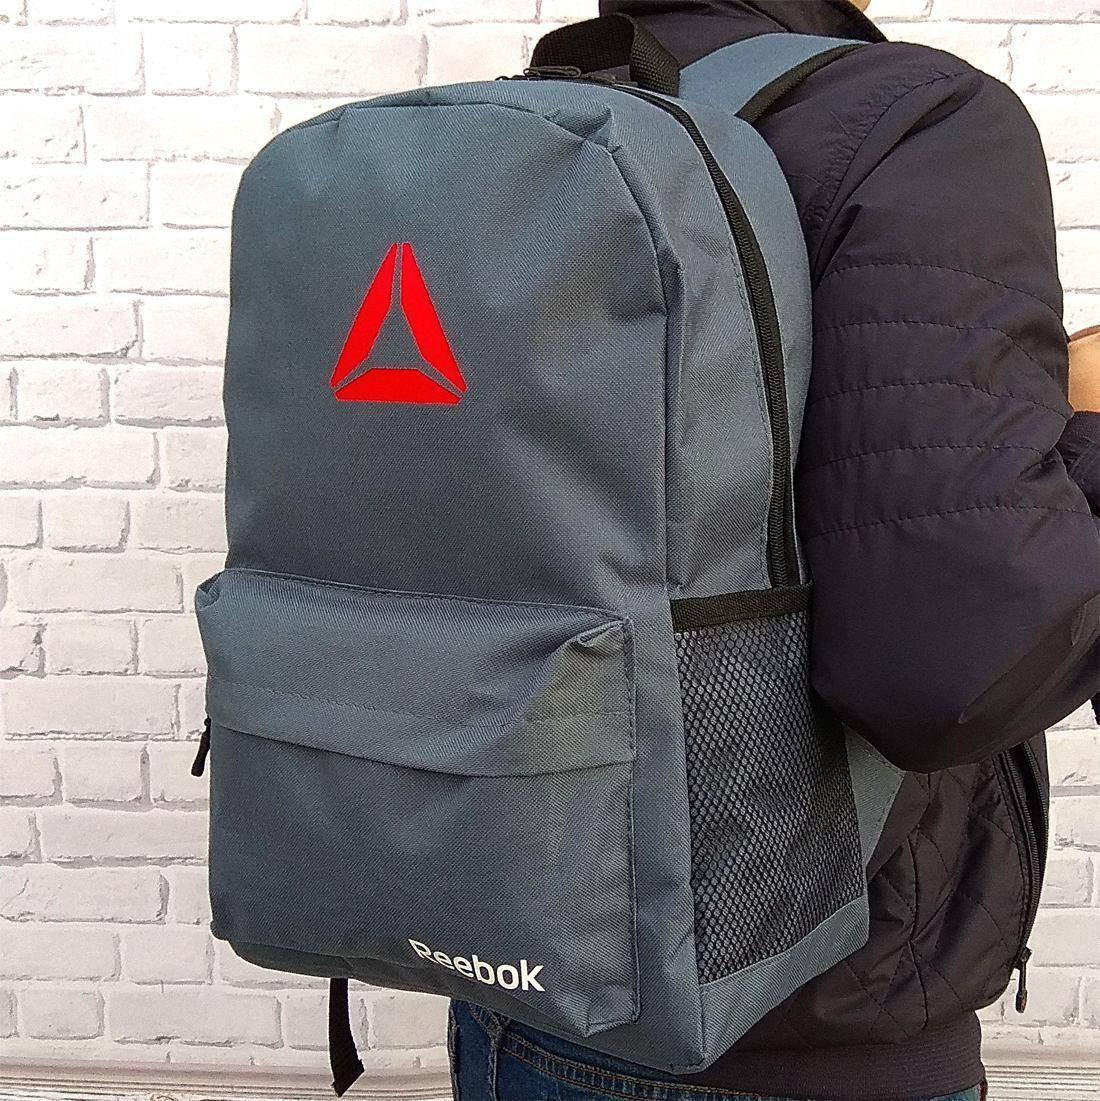 Рюкзак Reebok, рібок. Популярна модель. Сірий / R3